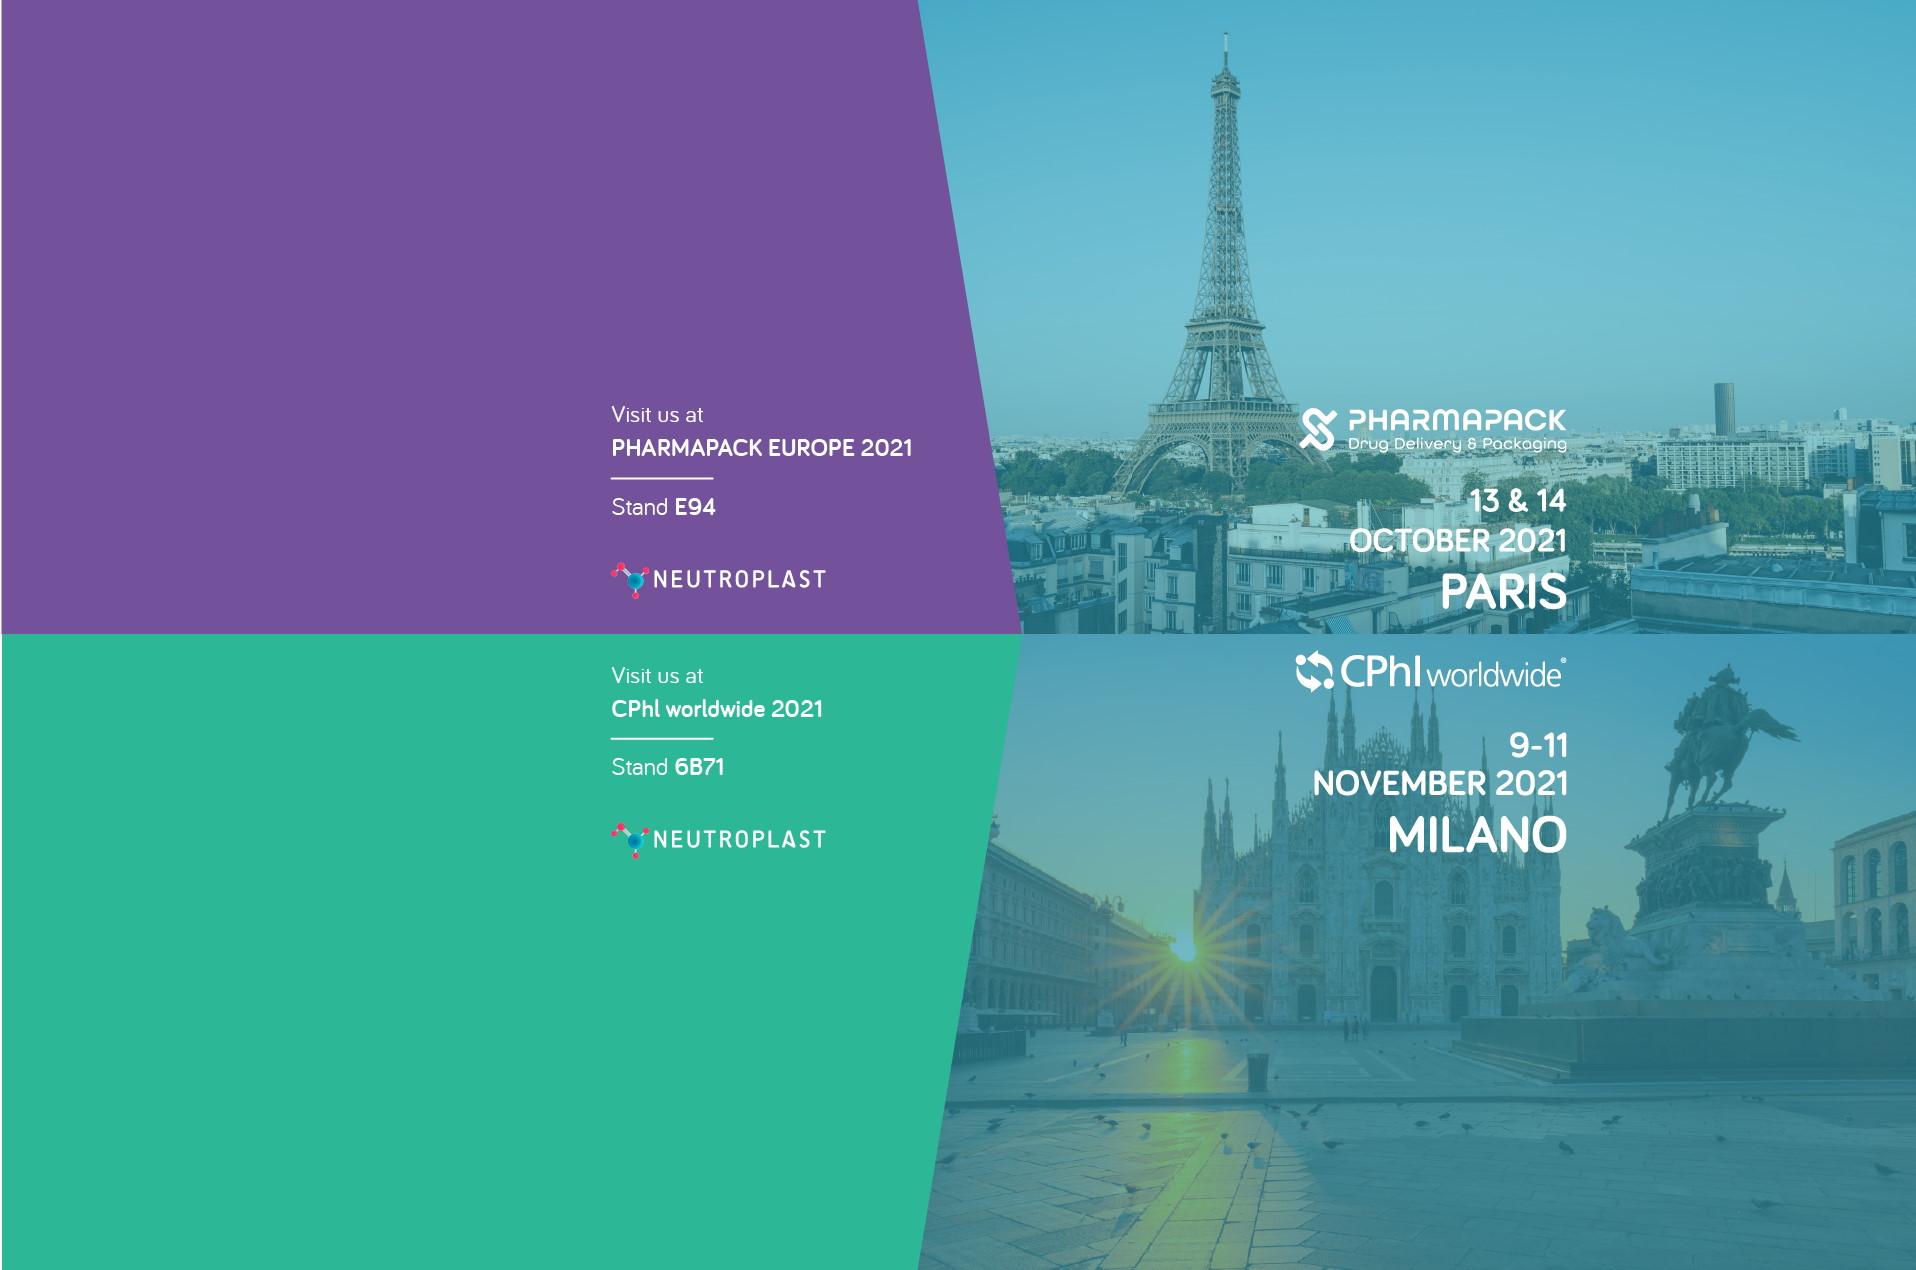 pharmapack europe 2021 | cphl worldwide 2021